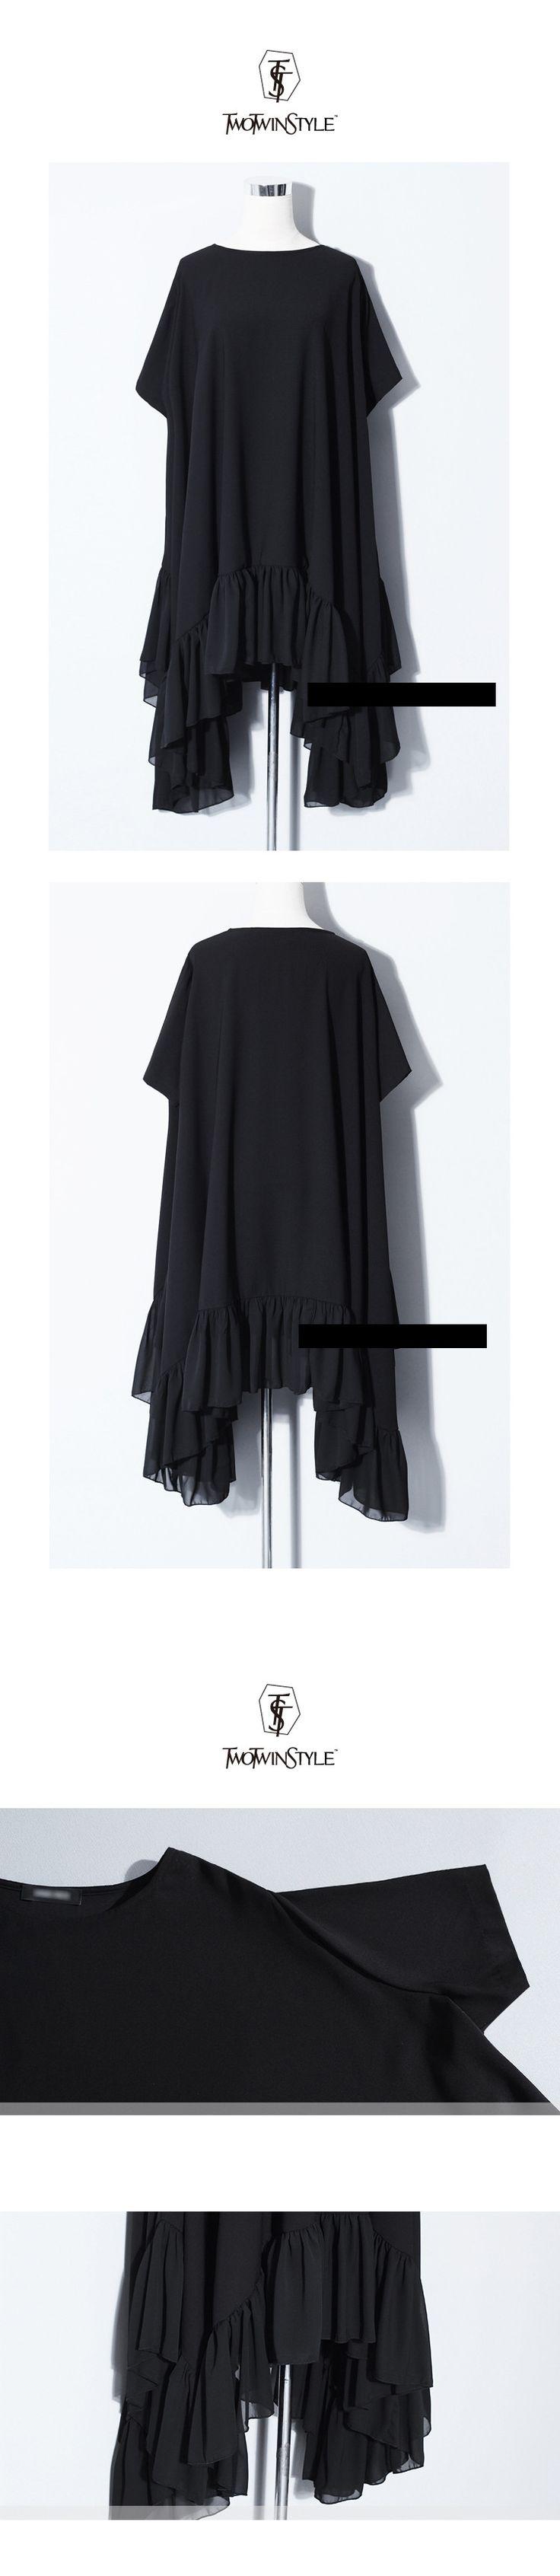 Aliexpress.com: Acheter [TWOTWINSTYLE] 2016 Mode Irrégulière Volants En Mousseline de Soie Robe Femmes Beauté Vêtements Noir Nouvelle D'été de femmes robe pantalon fiable fournisseurs sur TWOTWINSTYLE